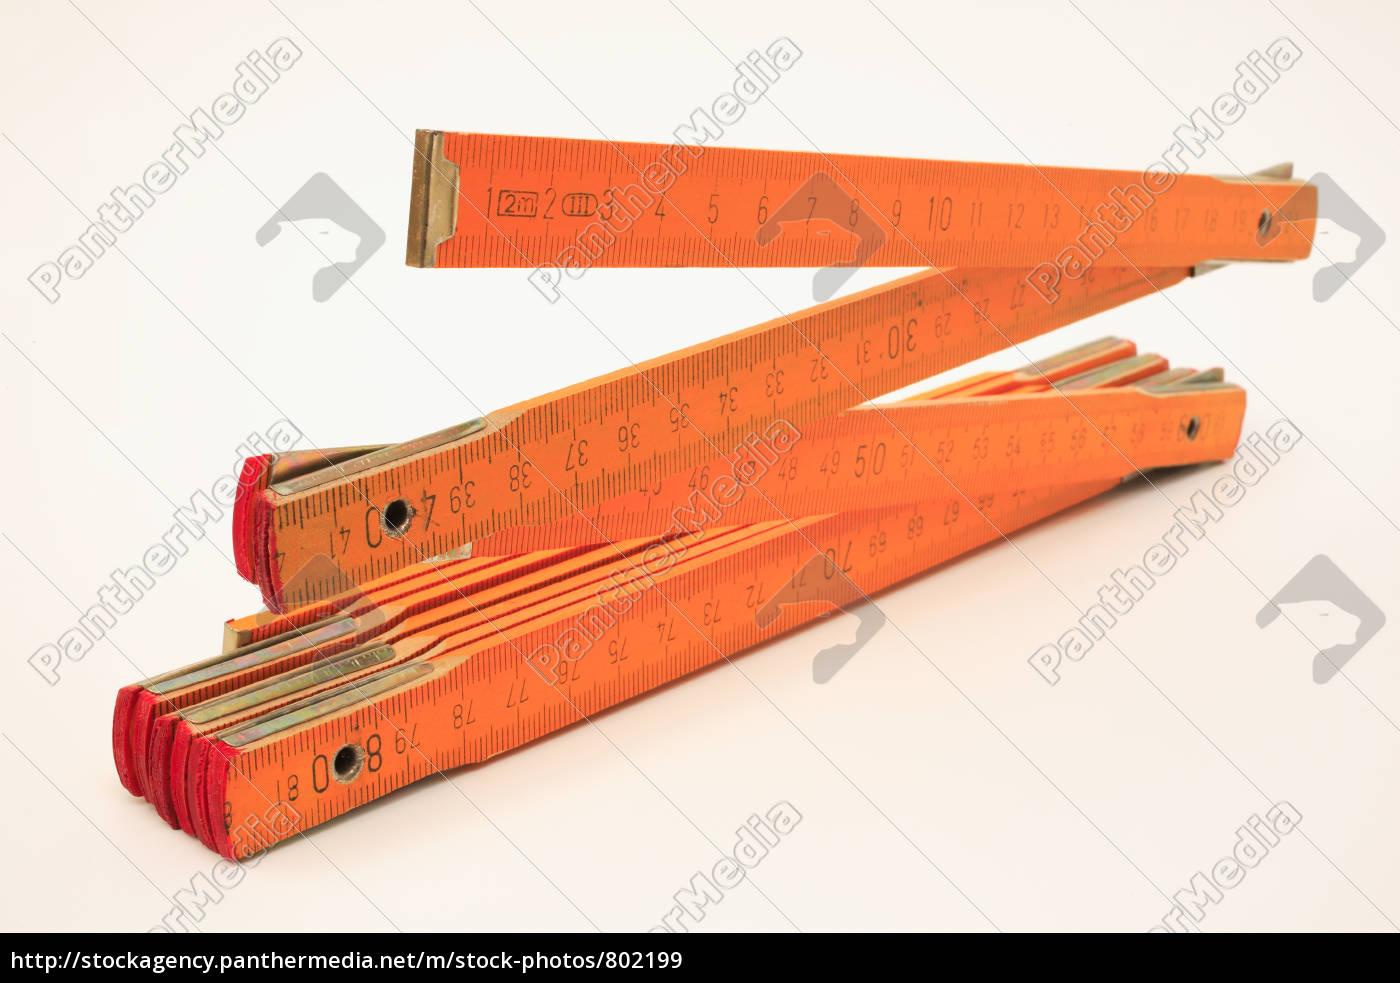 meter, stock - 802199